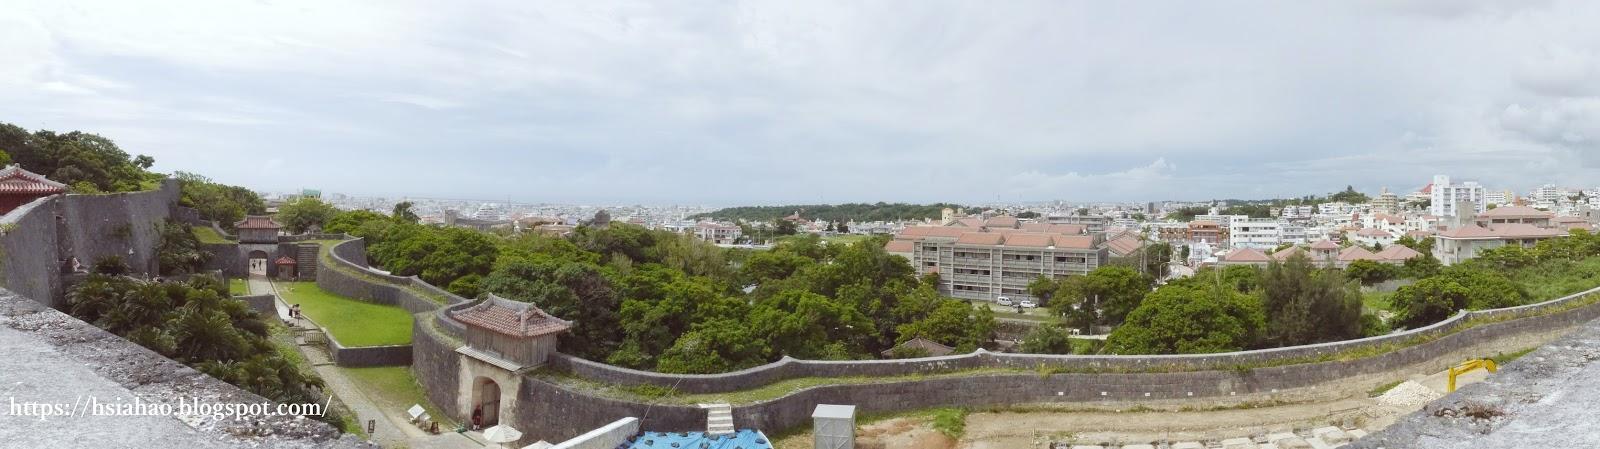 沖繩-景點-世界遺產-首里城-觀景-自由行-旅遊-旅行-Okinawa-Naha-Shuri-Castle